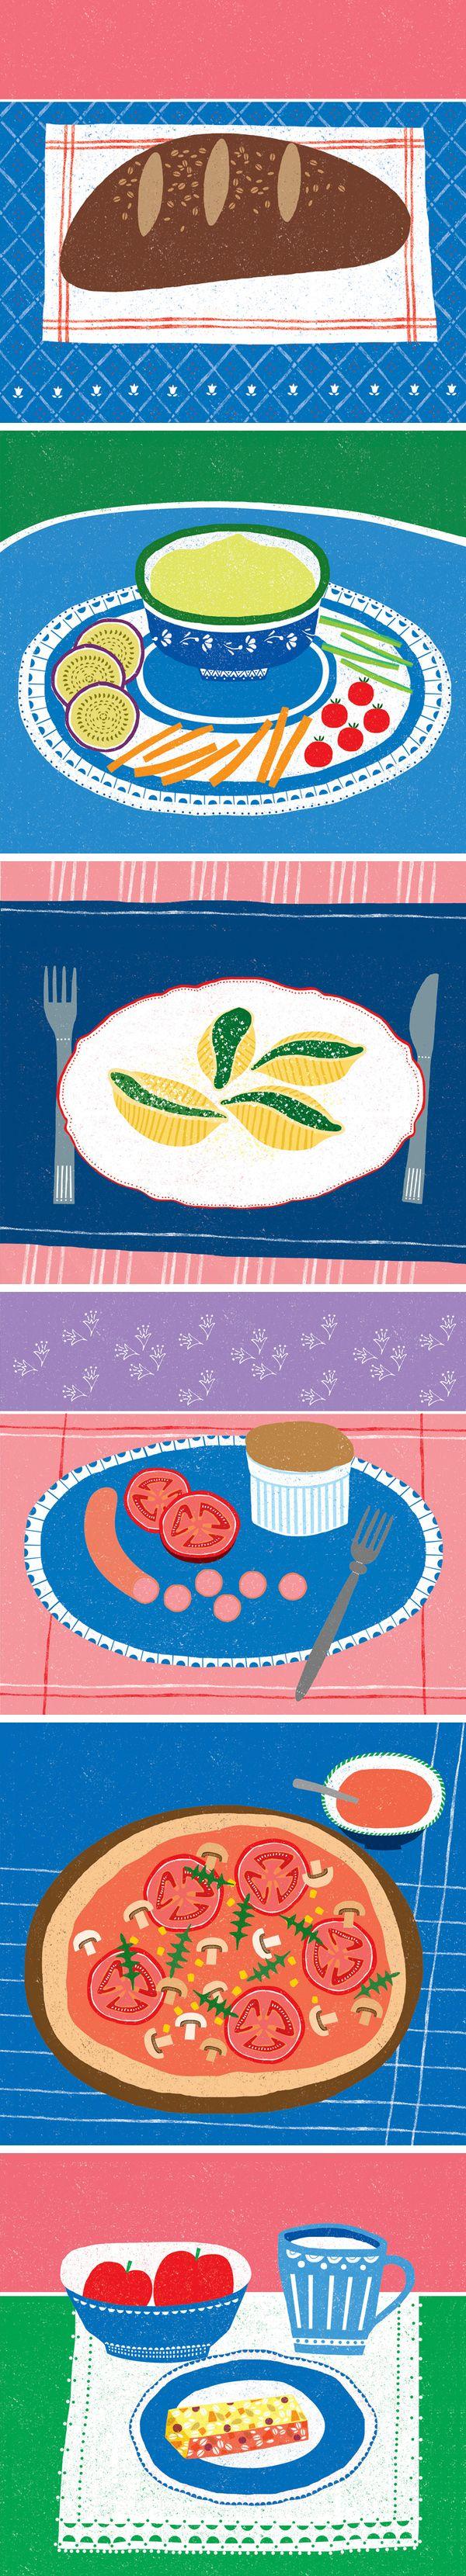 Food illustrations for the cookbook 'Mesék a konyhábol' by Viktoria Cikos